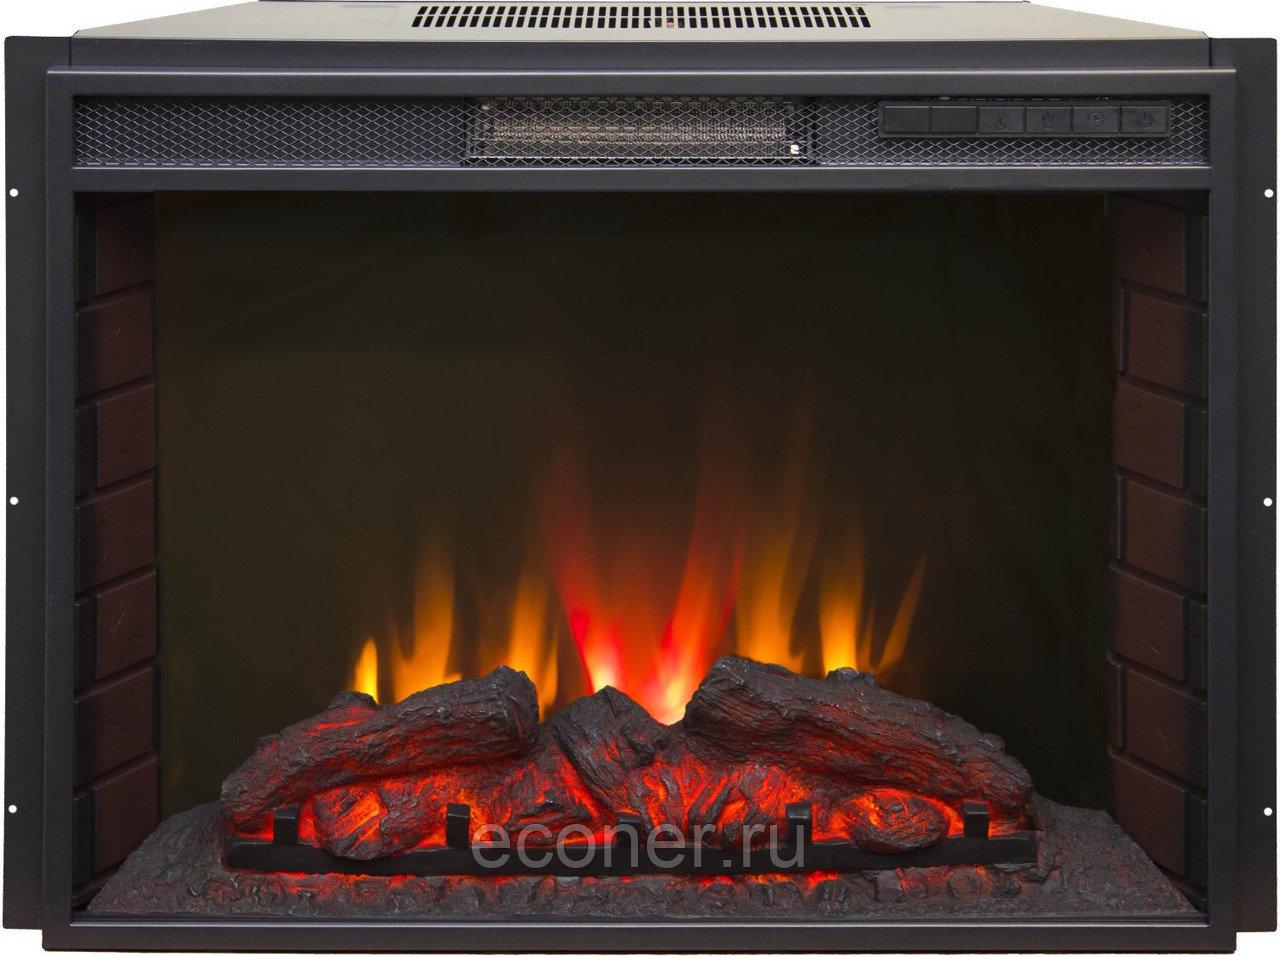 3d электрокамины с визуализацией пламени и дымовыми ощущениями